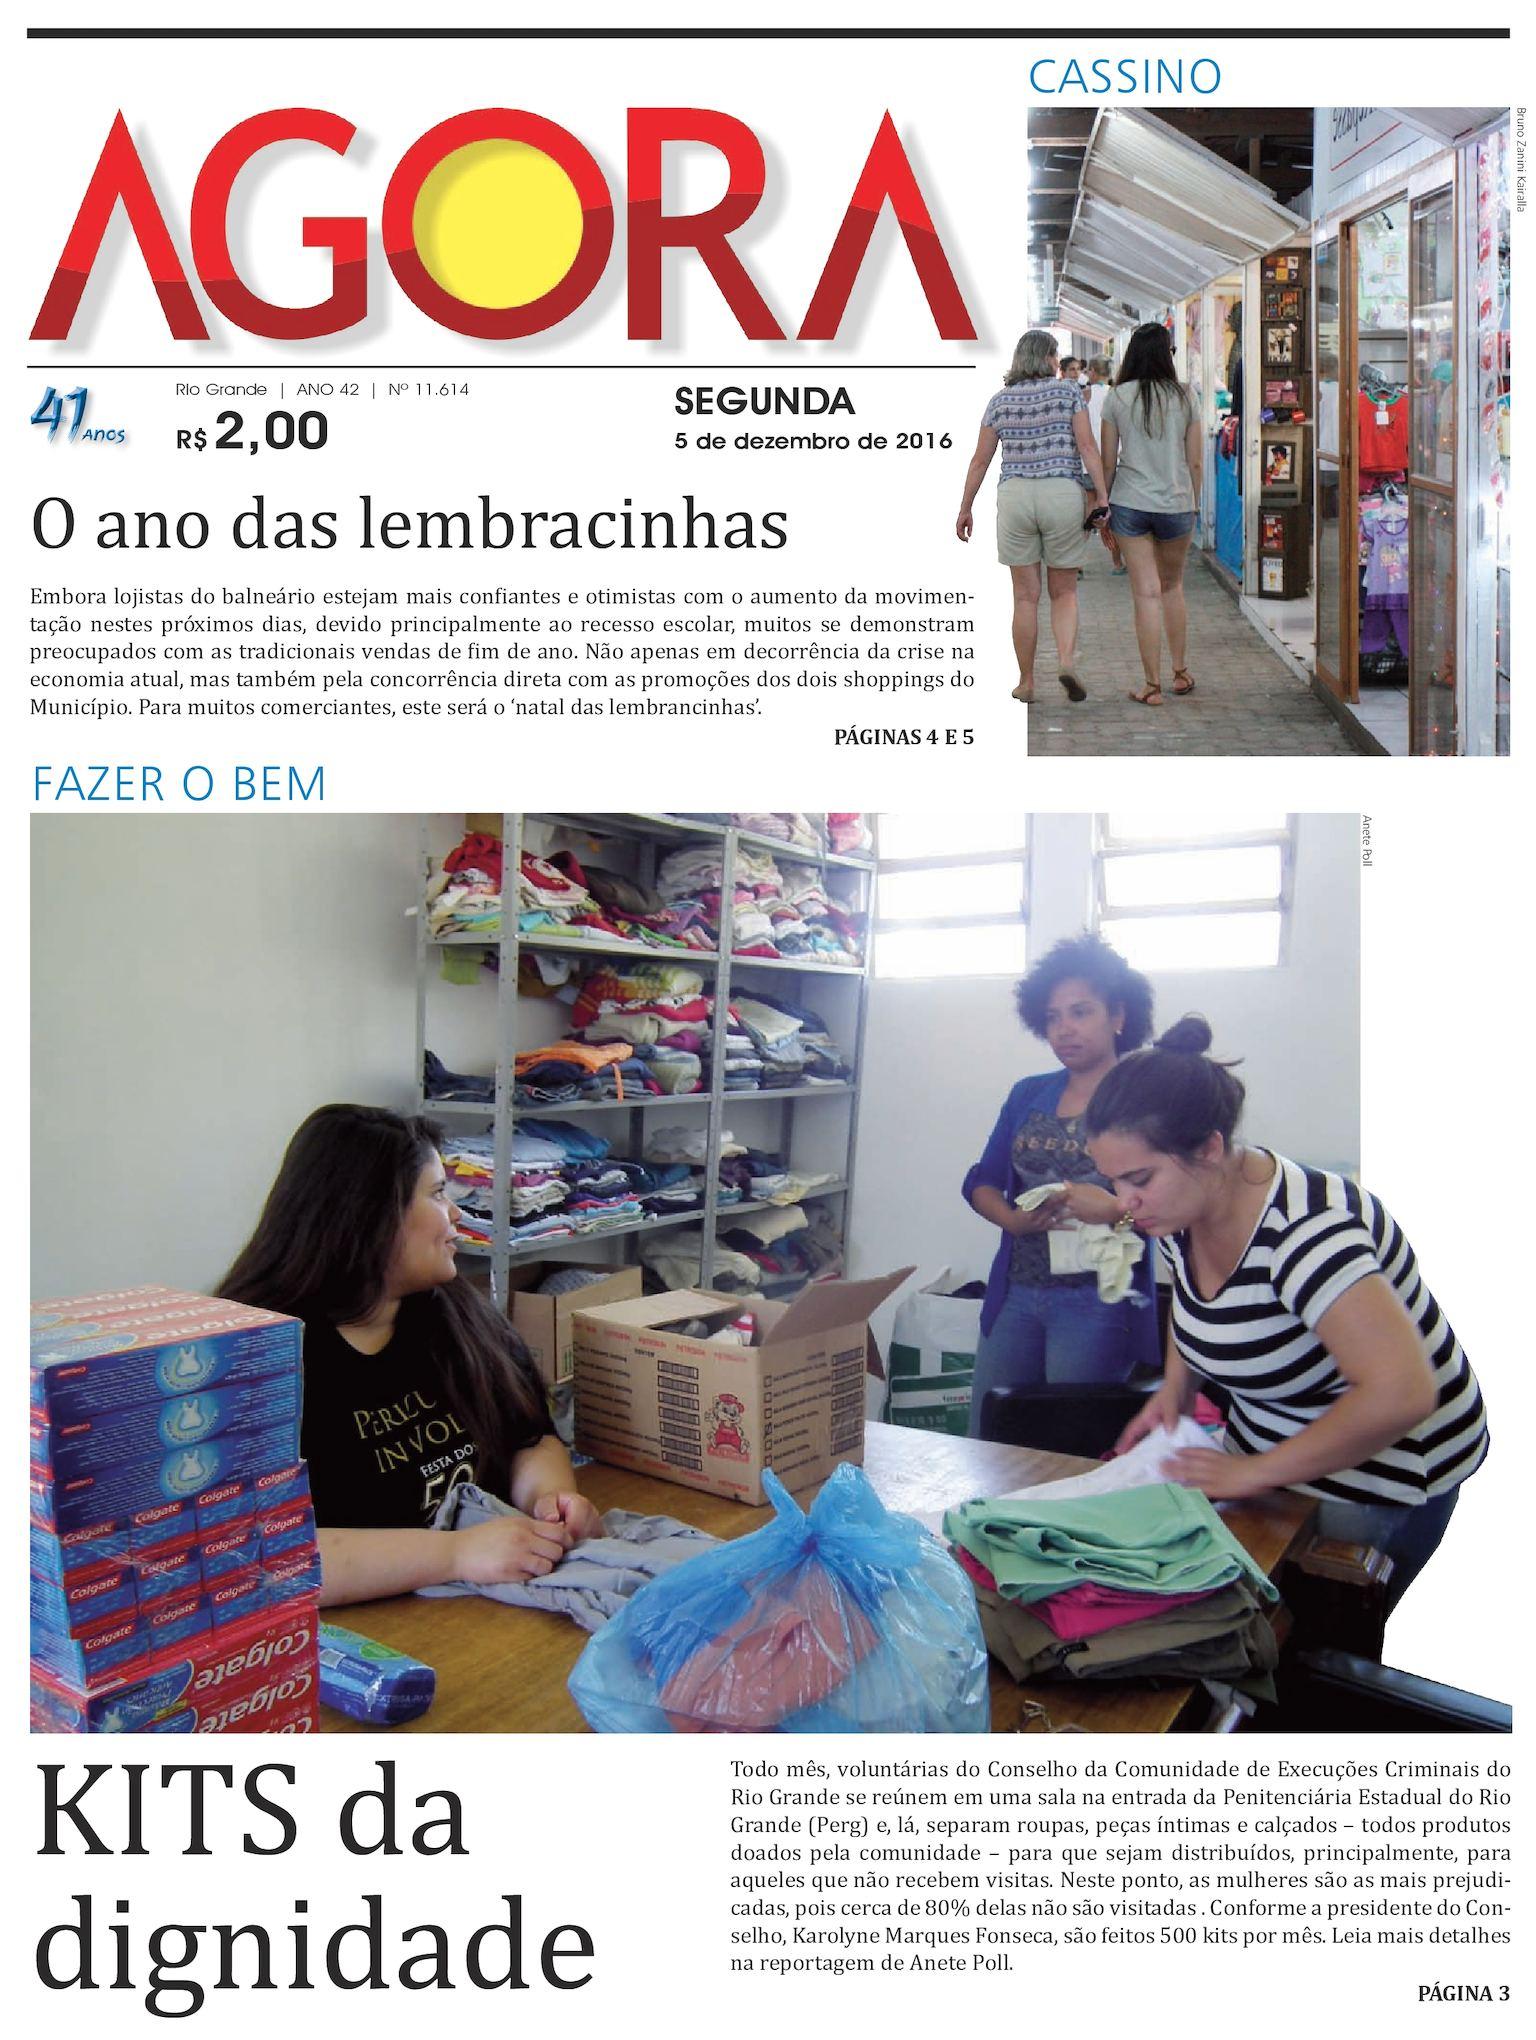 Calaméo - Jornal Agora - Edição 11614 - 5 de Dezembro de 2016 5087cae5b9